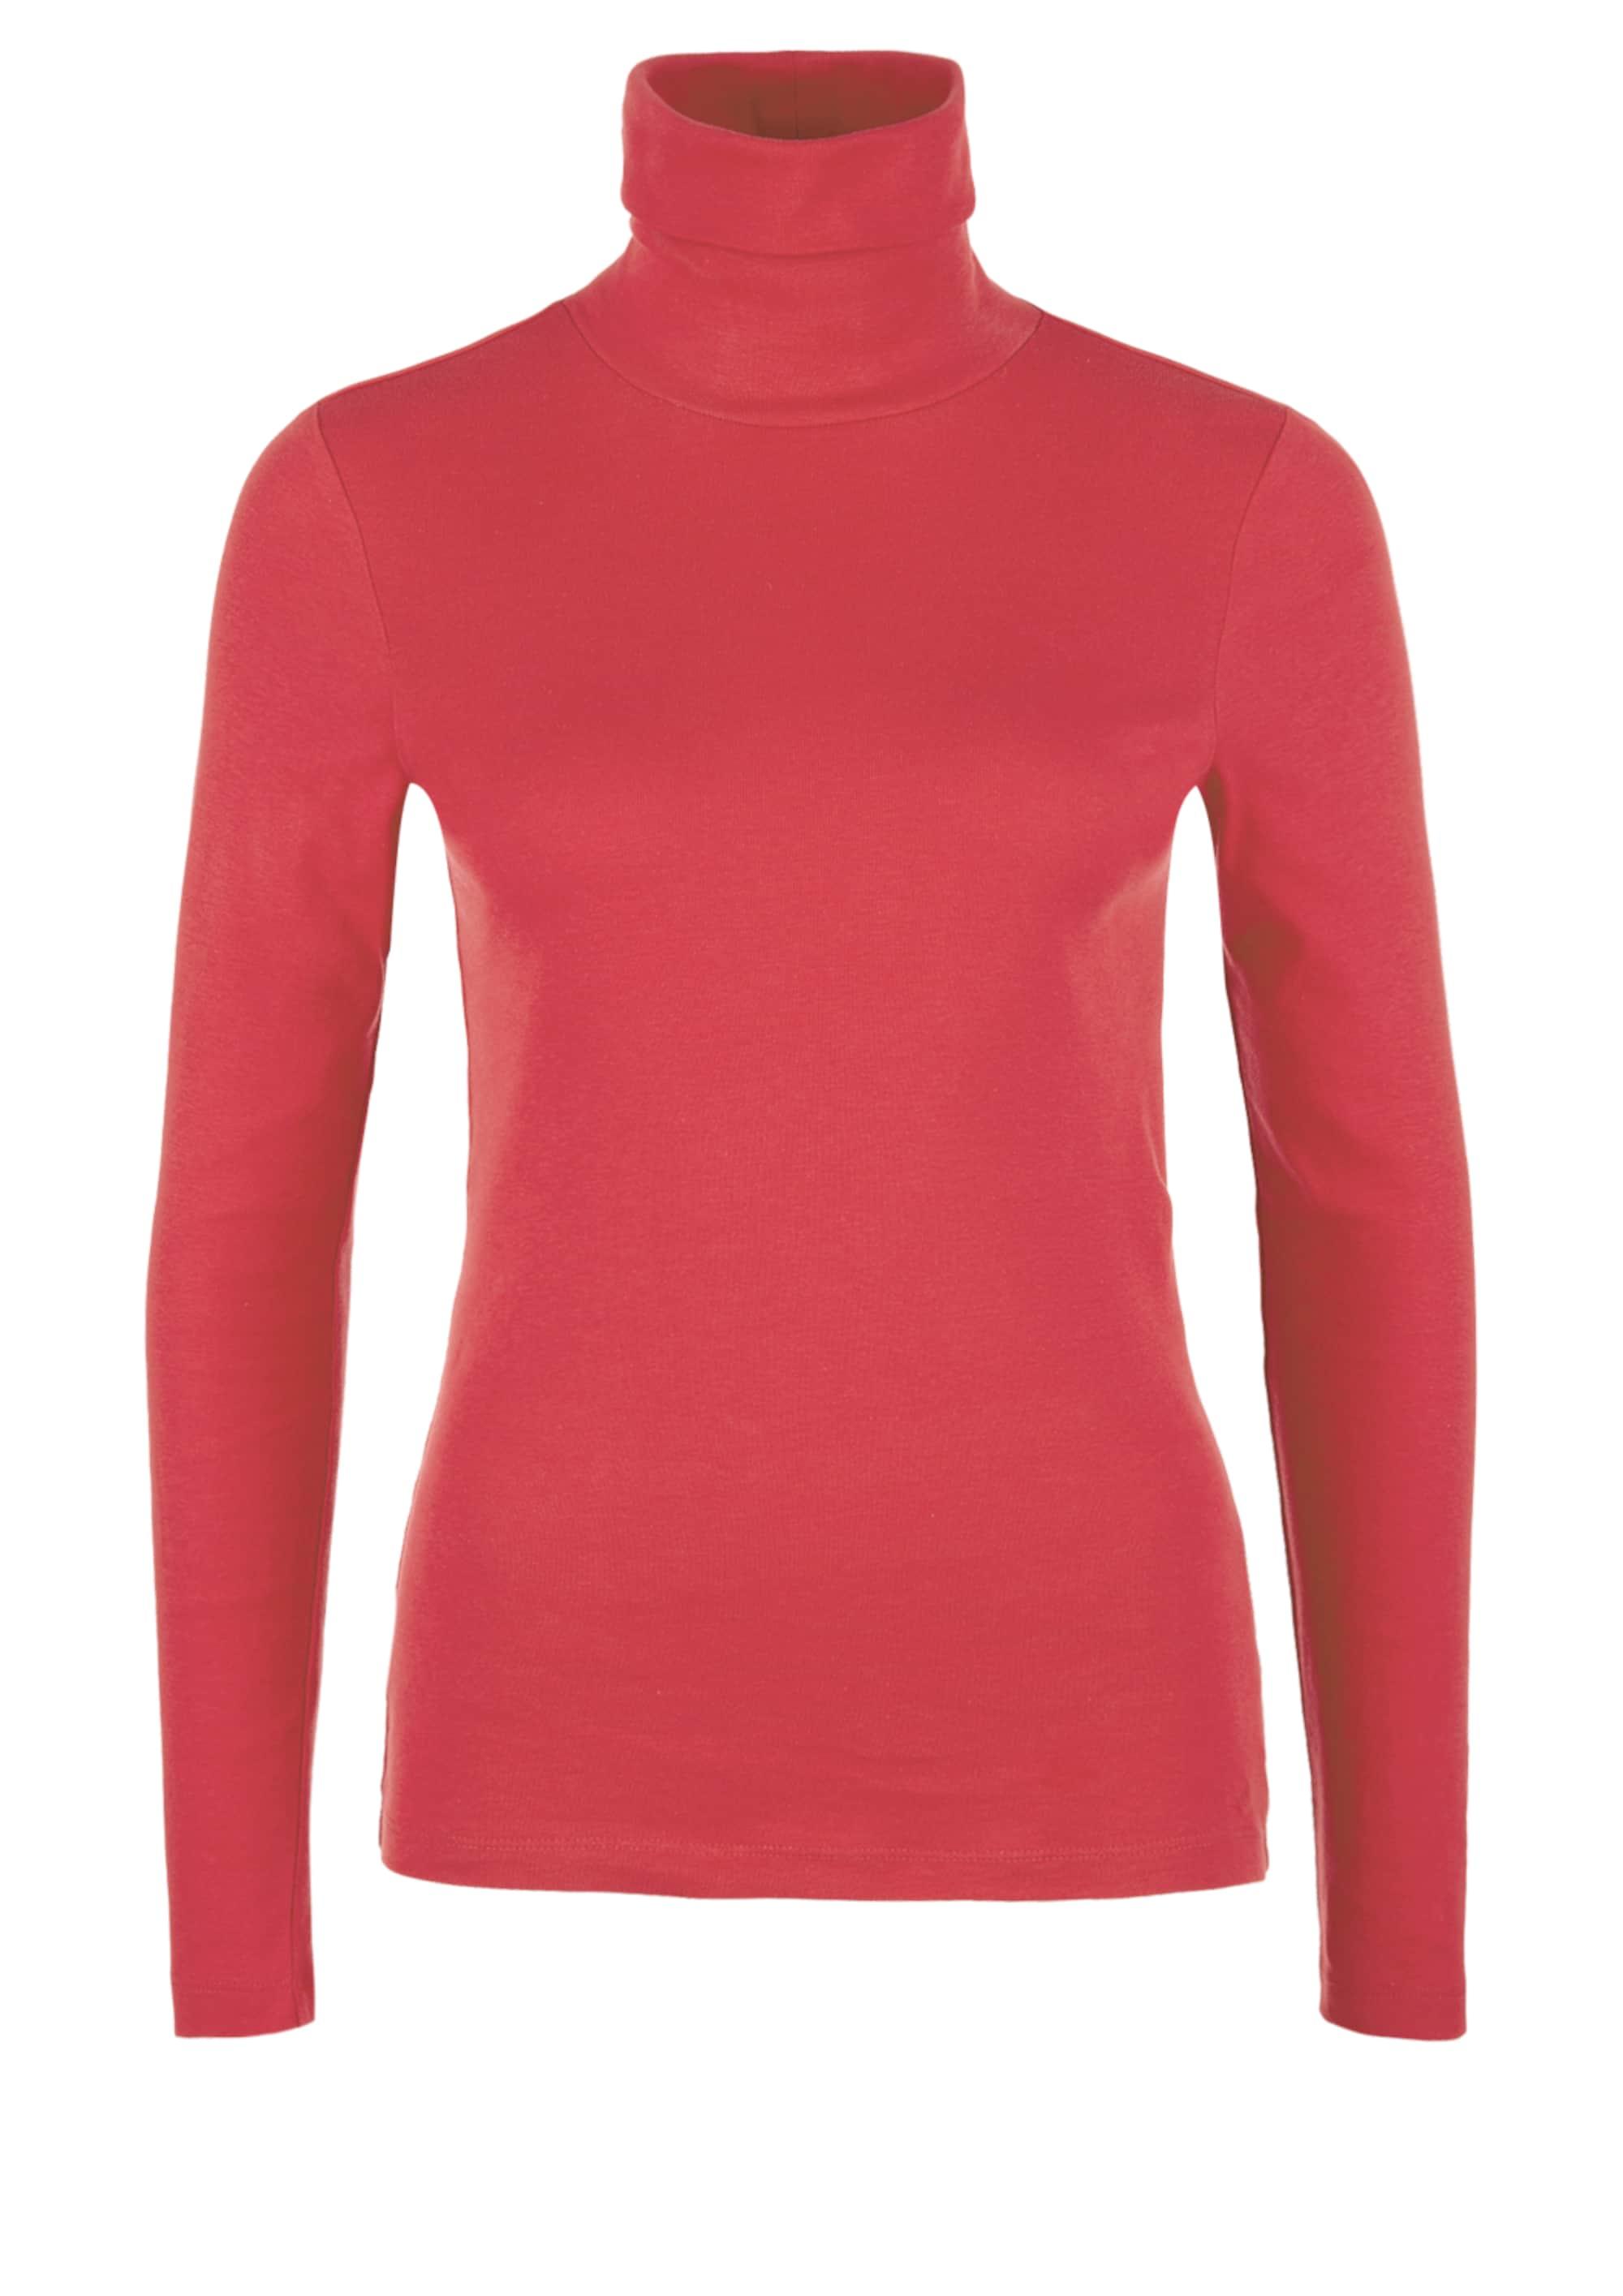 s.oliver red label - Rippshirt mit Rollkragen